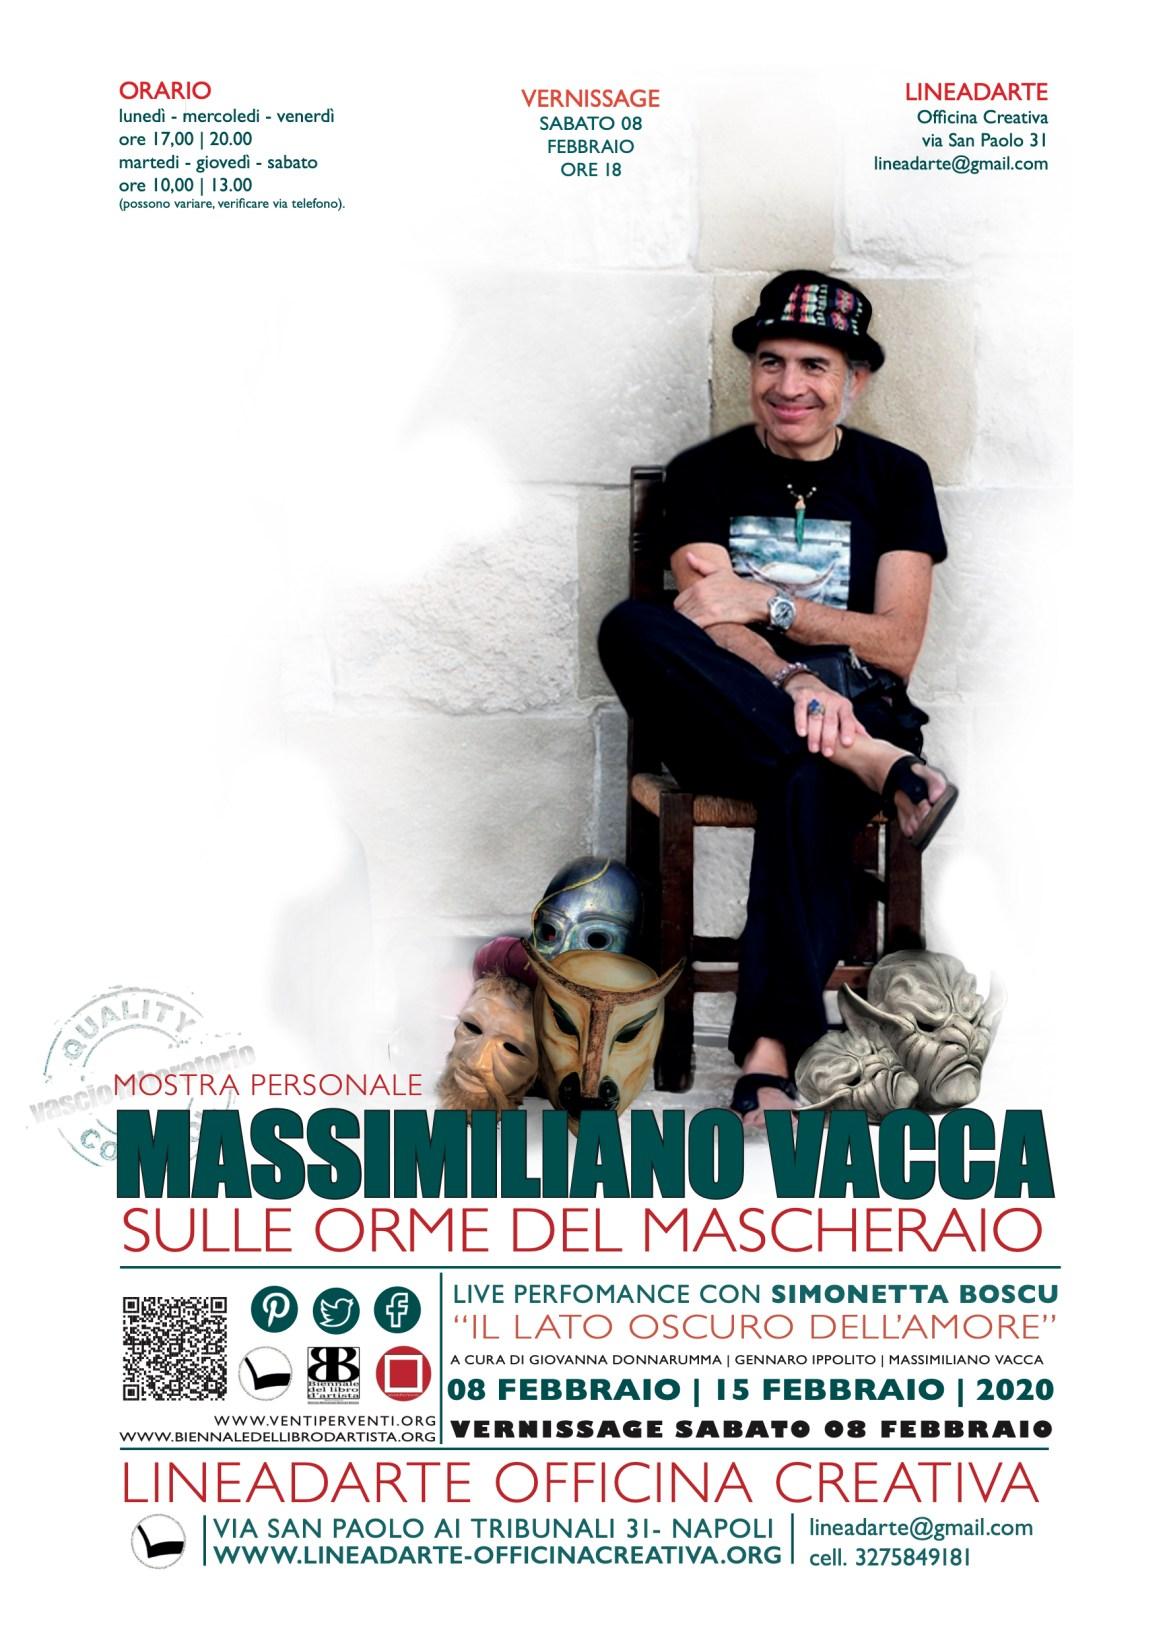 Sulle orme del mascheraio – mostra personale di Massimiliano Vacca